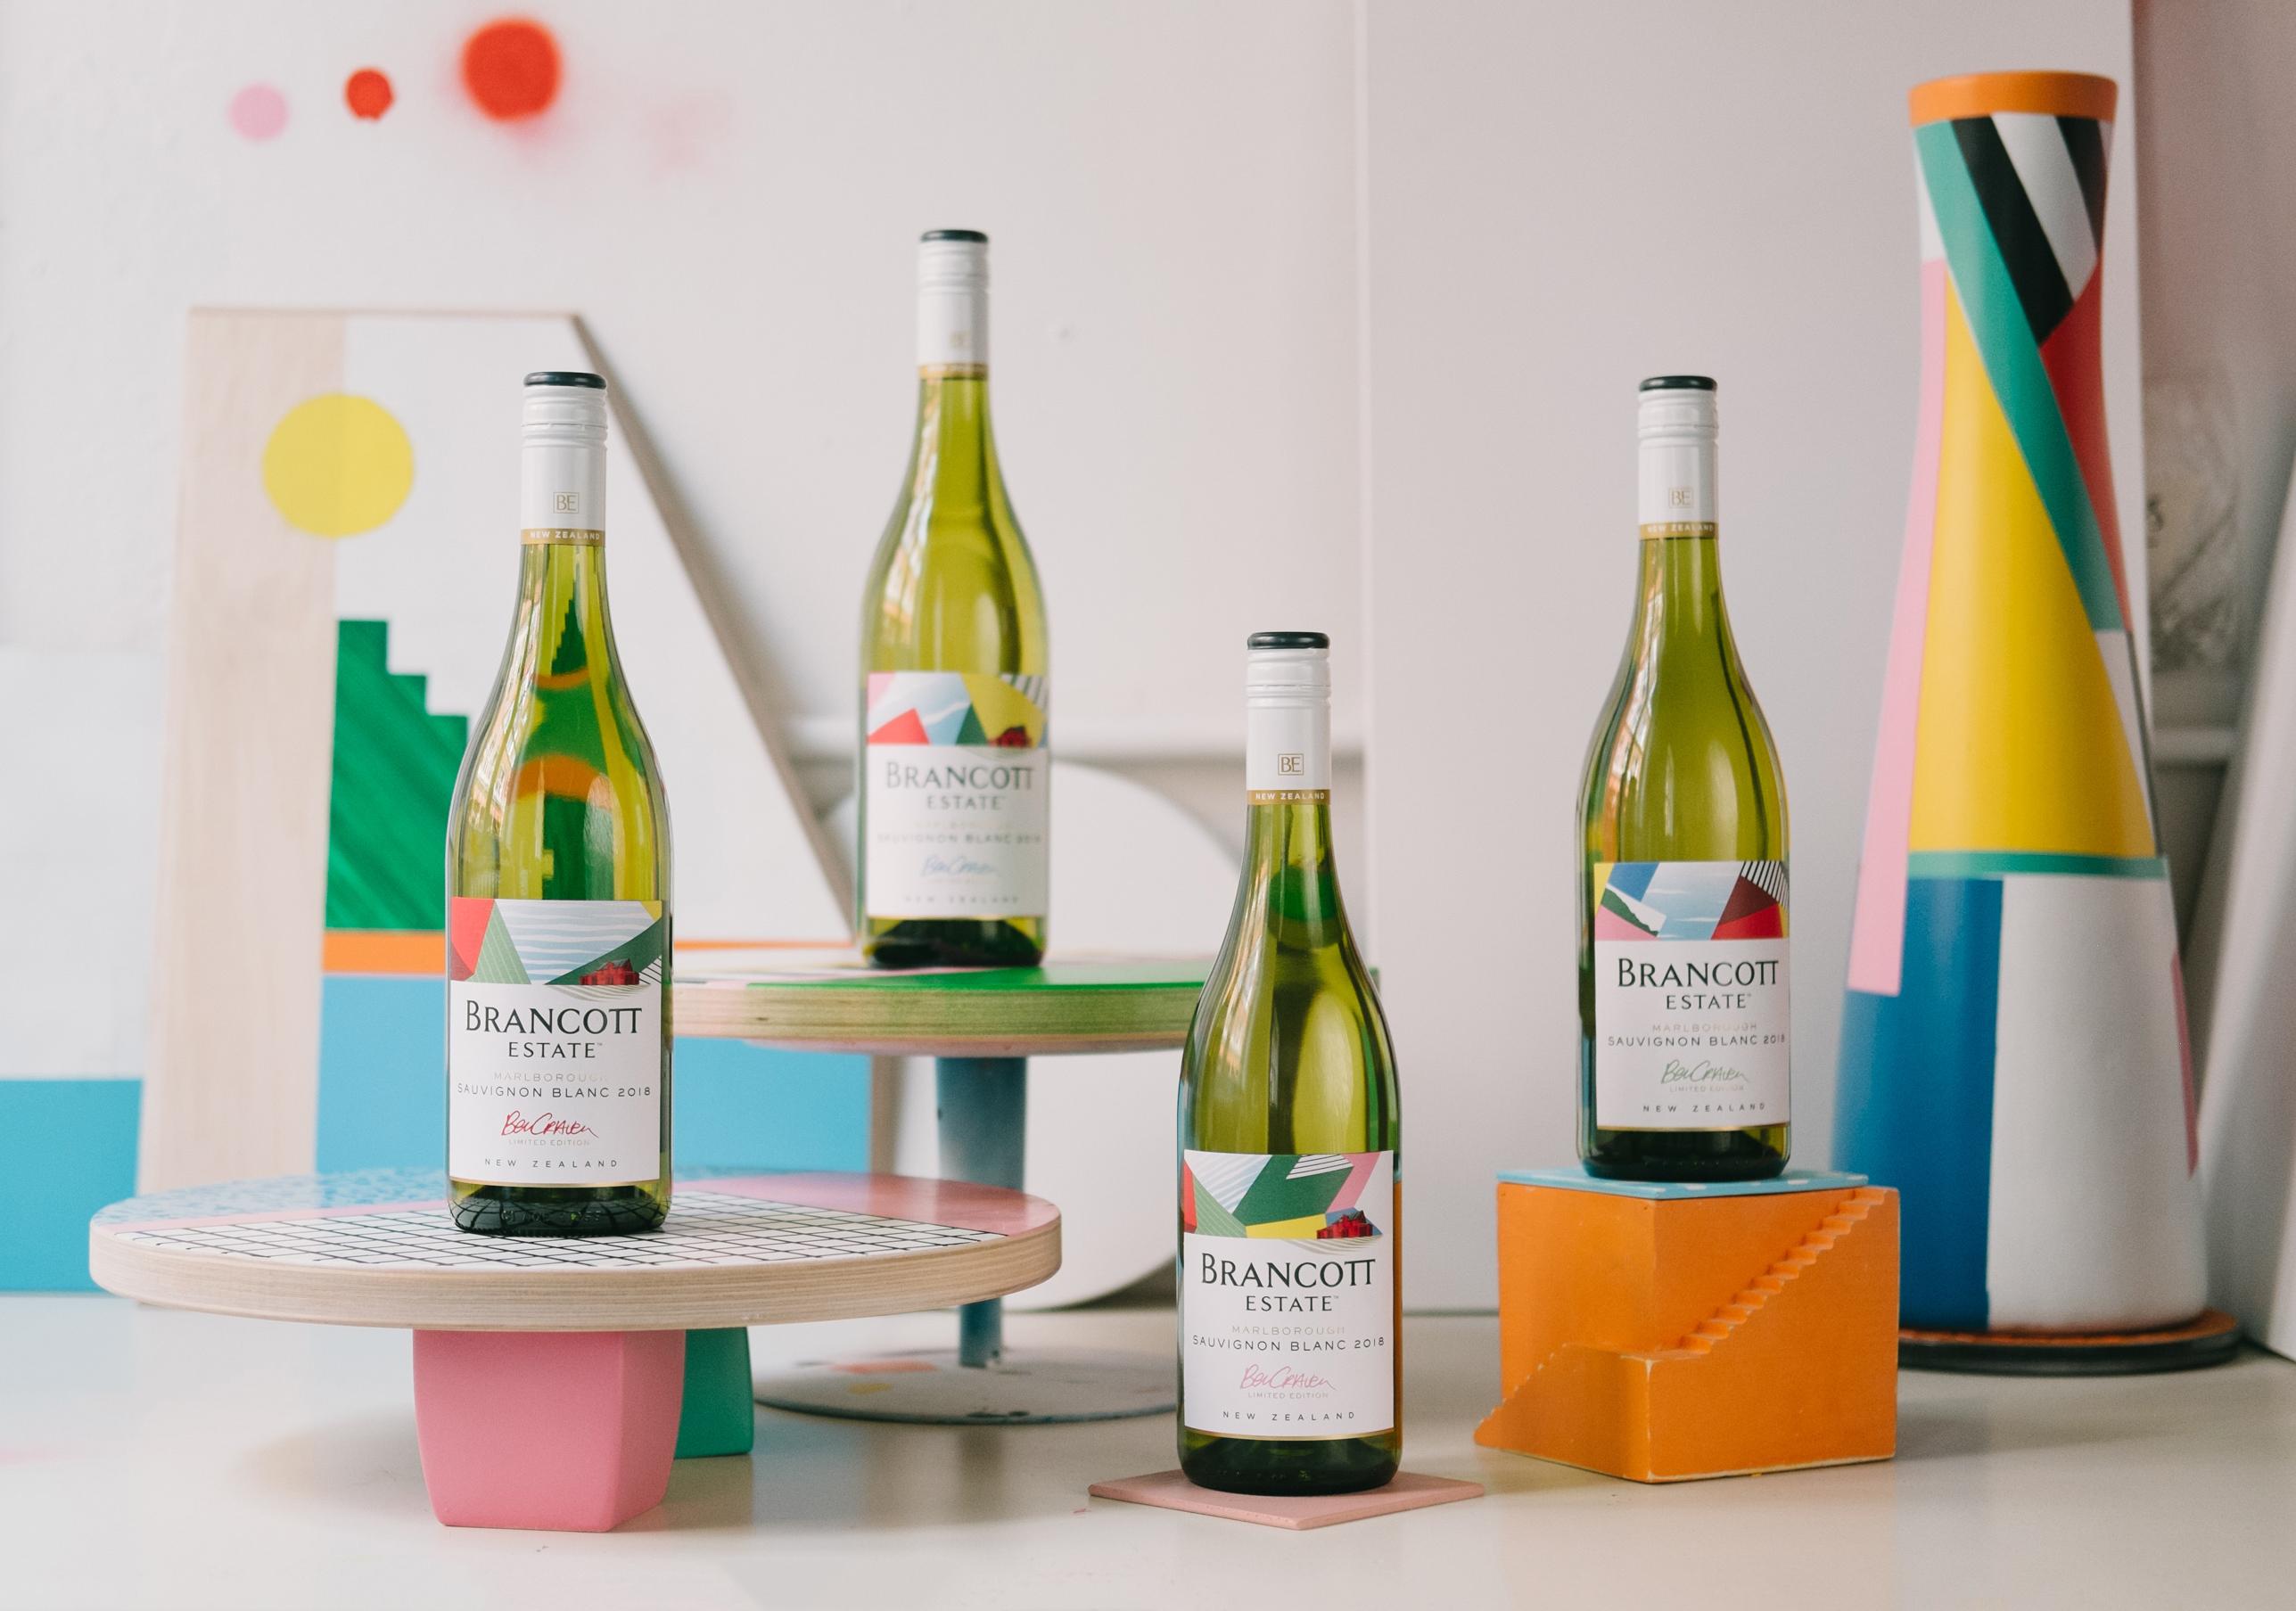 Benjamin Craven designed Brancott Estate Limited Edition bottles